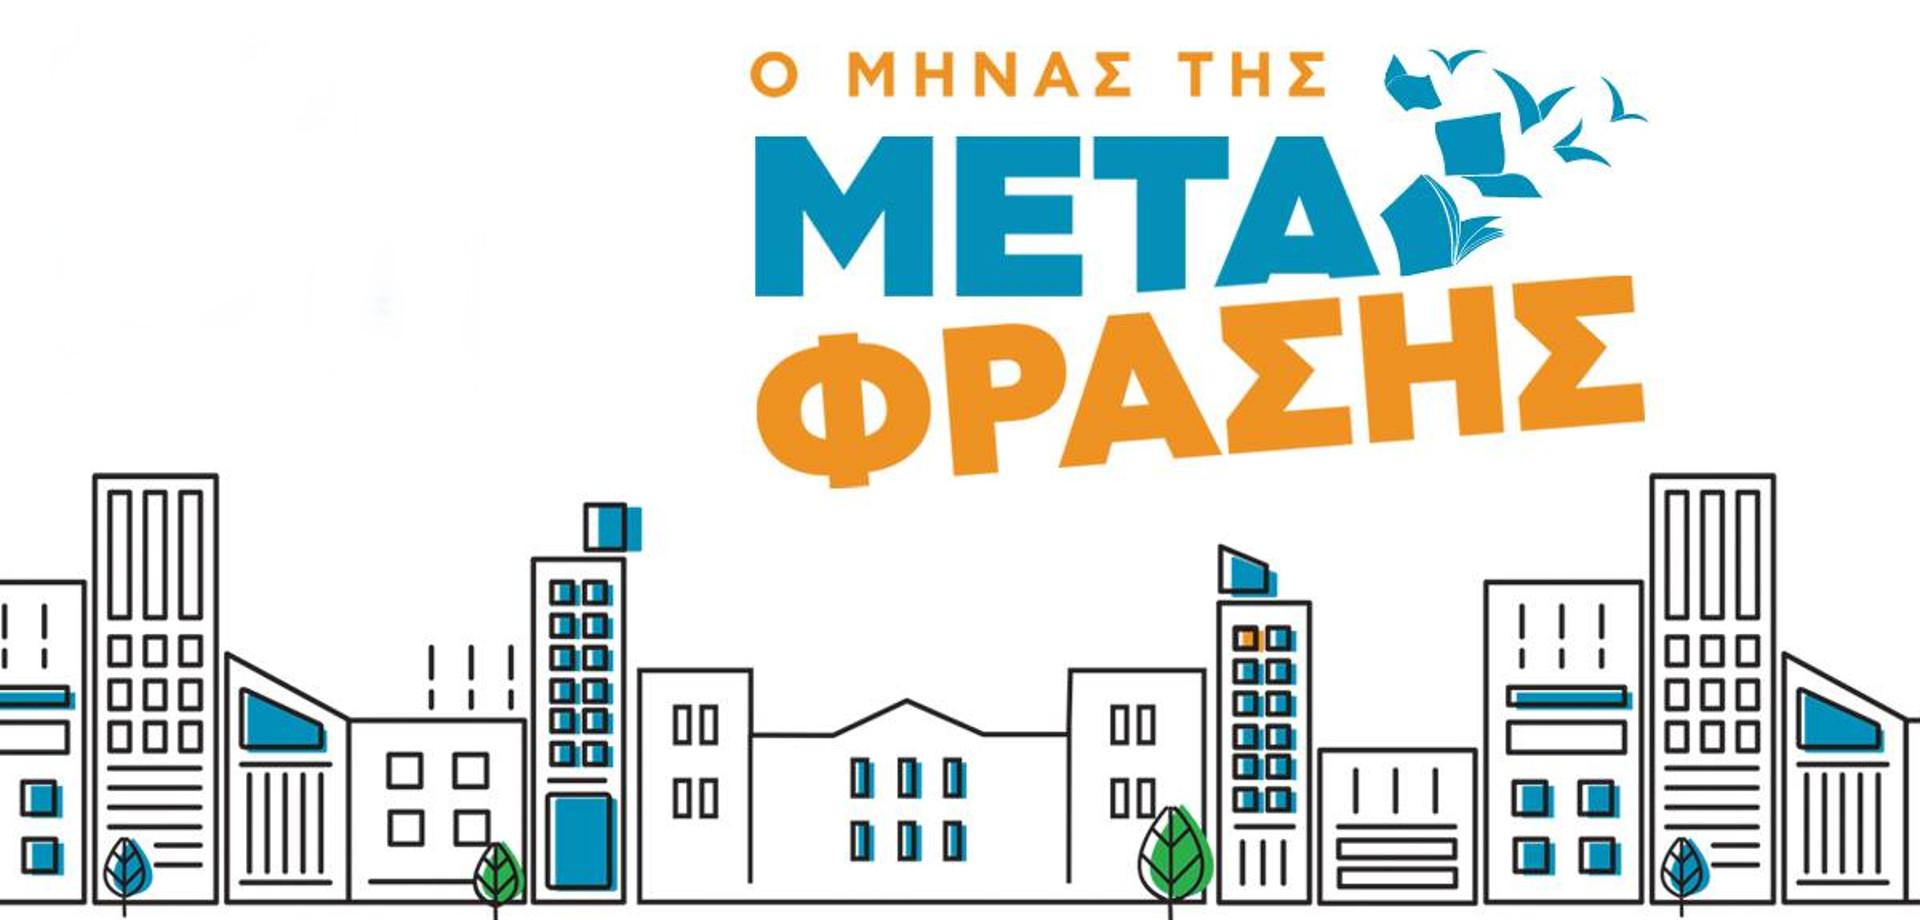 Μήνας της Μετάφρασης» στην Αθήνα  Δείτε το πρόγραμμα όλων των ... 0b1dc2a2e1d